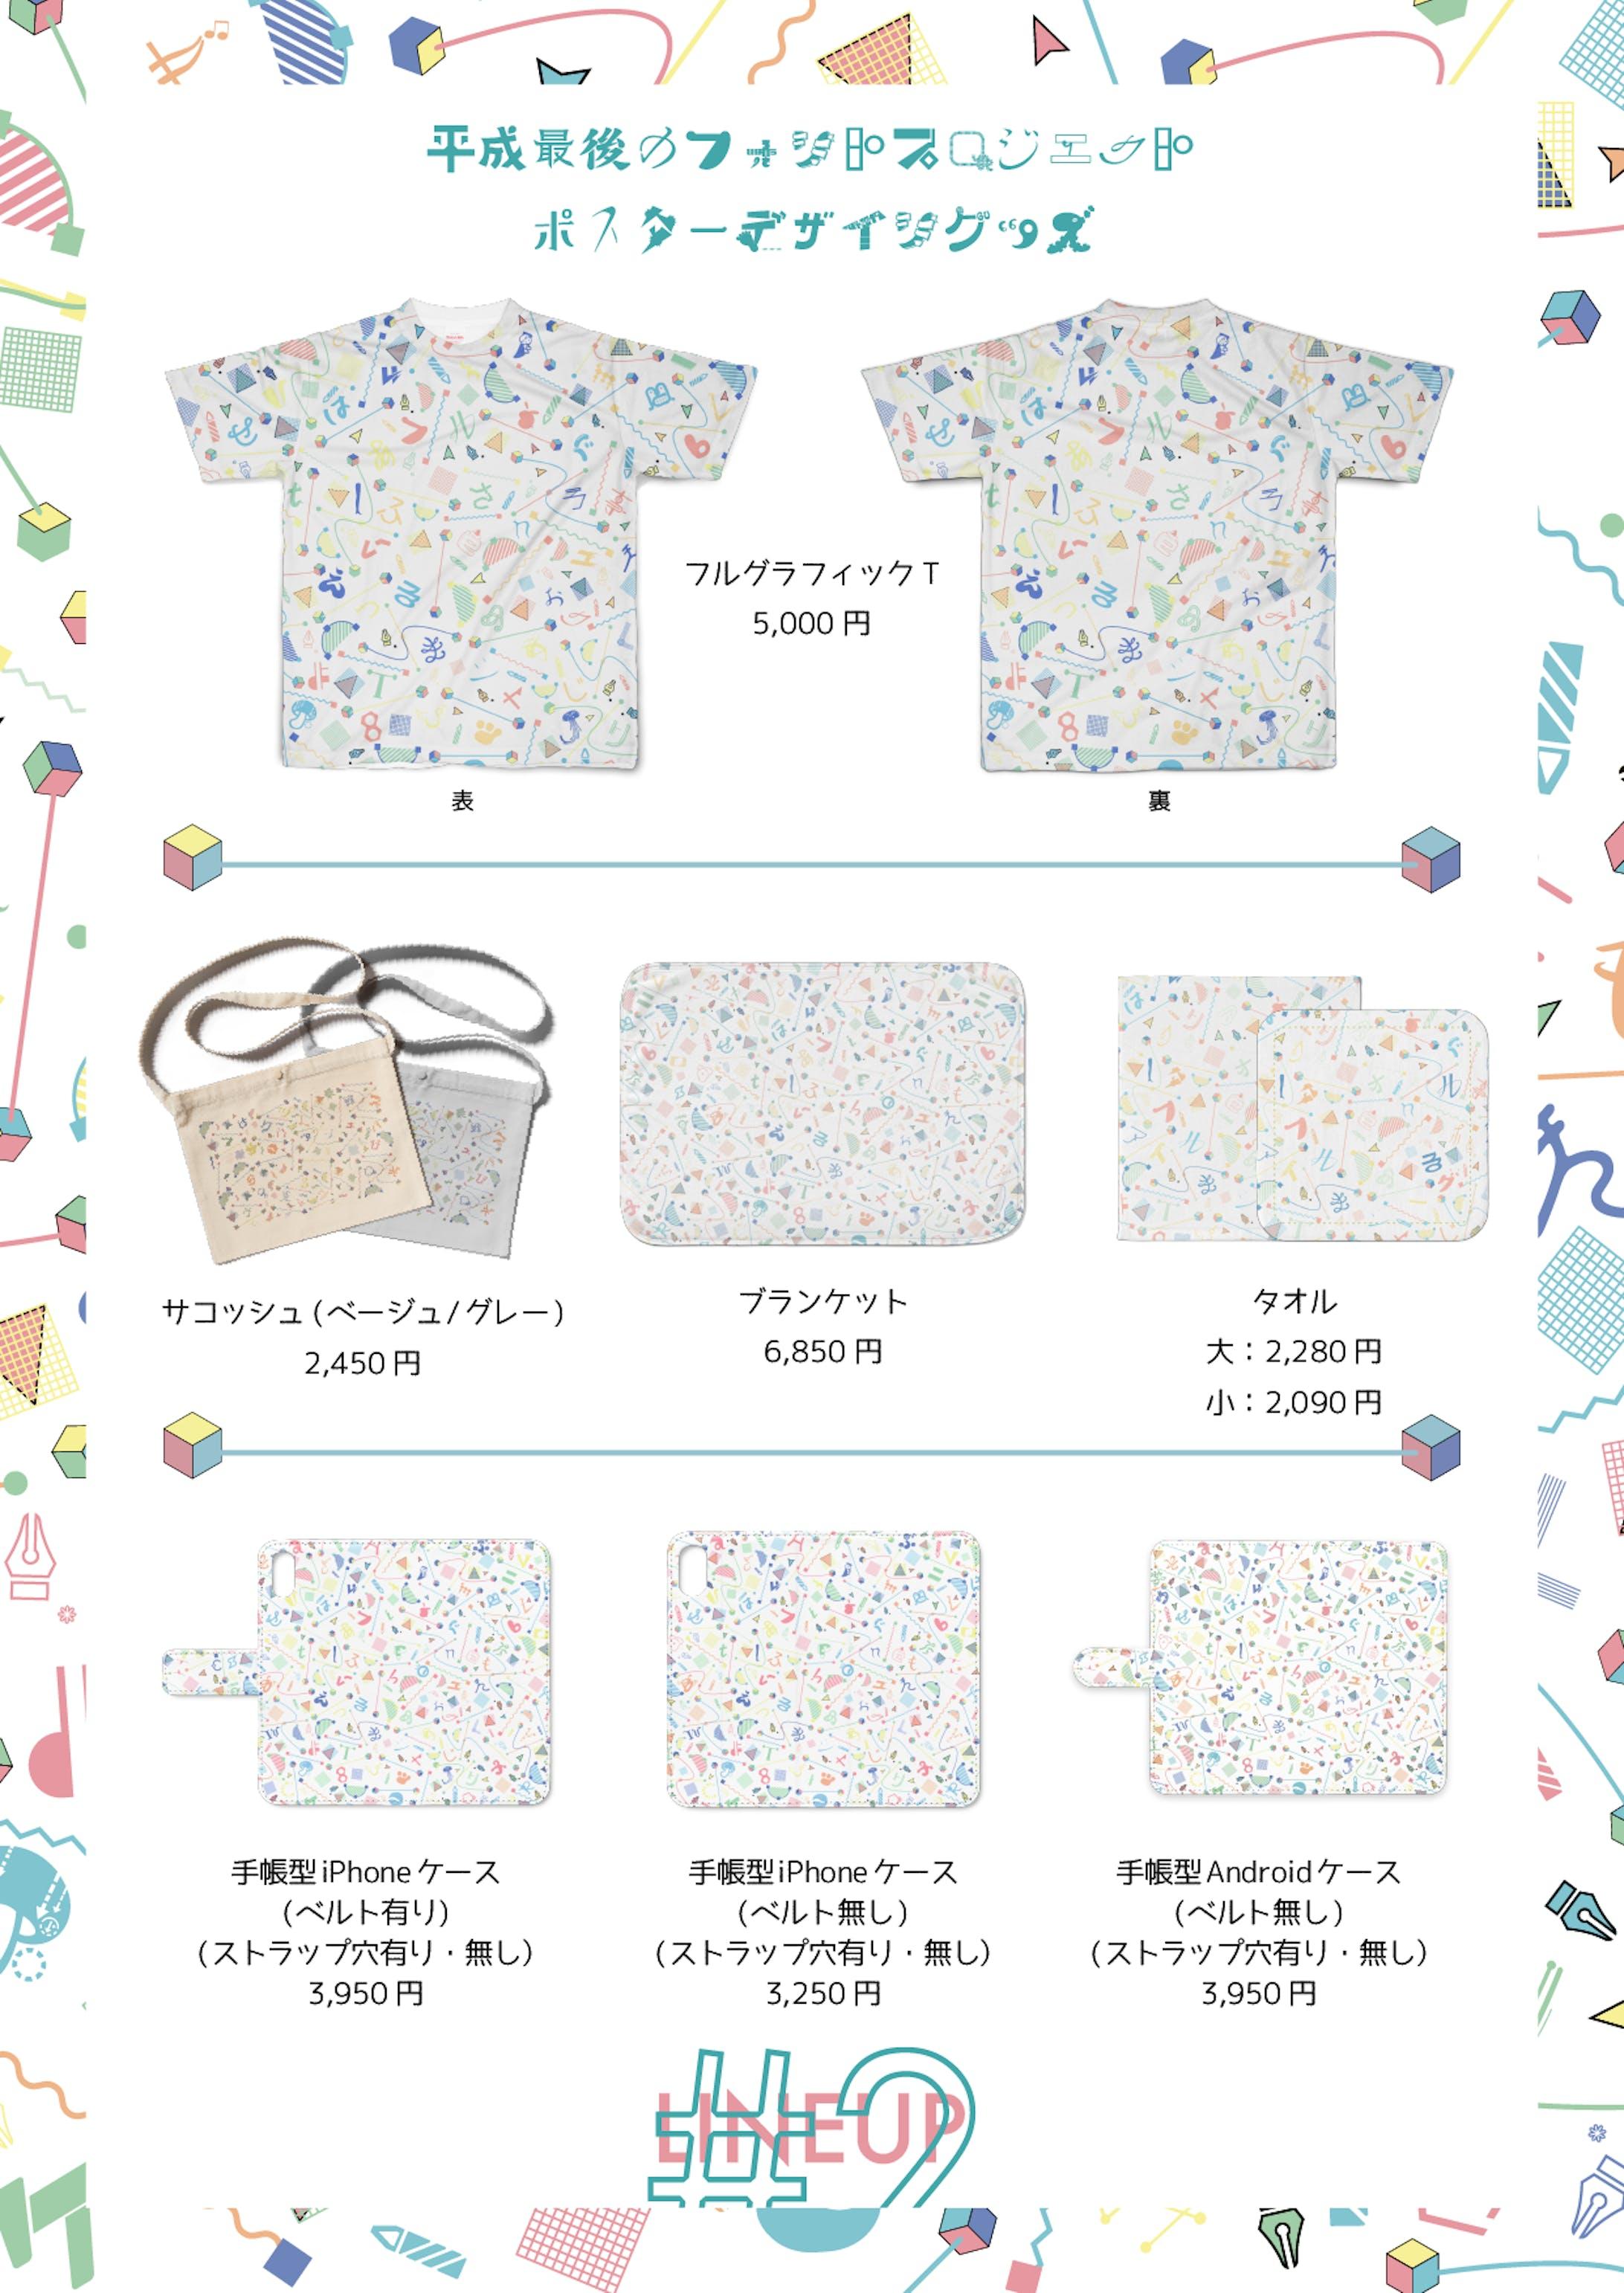 平成最後のフォント プロジェクト - Poster/Book/Goods/Font Design-4